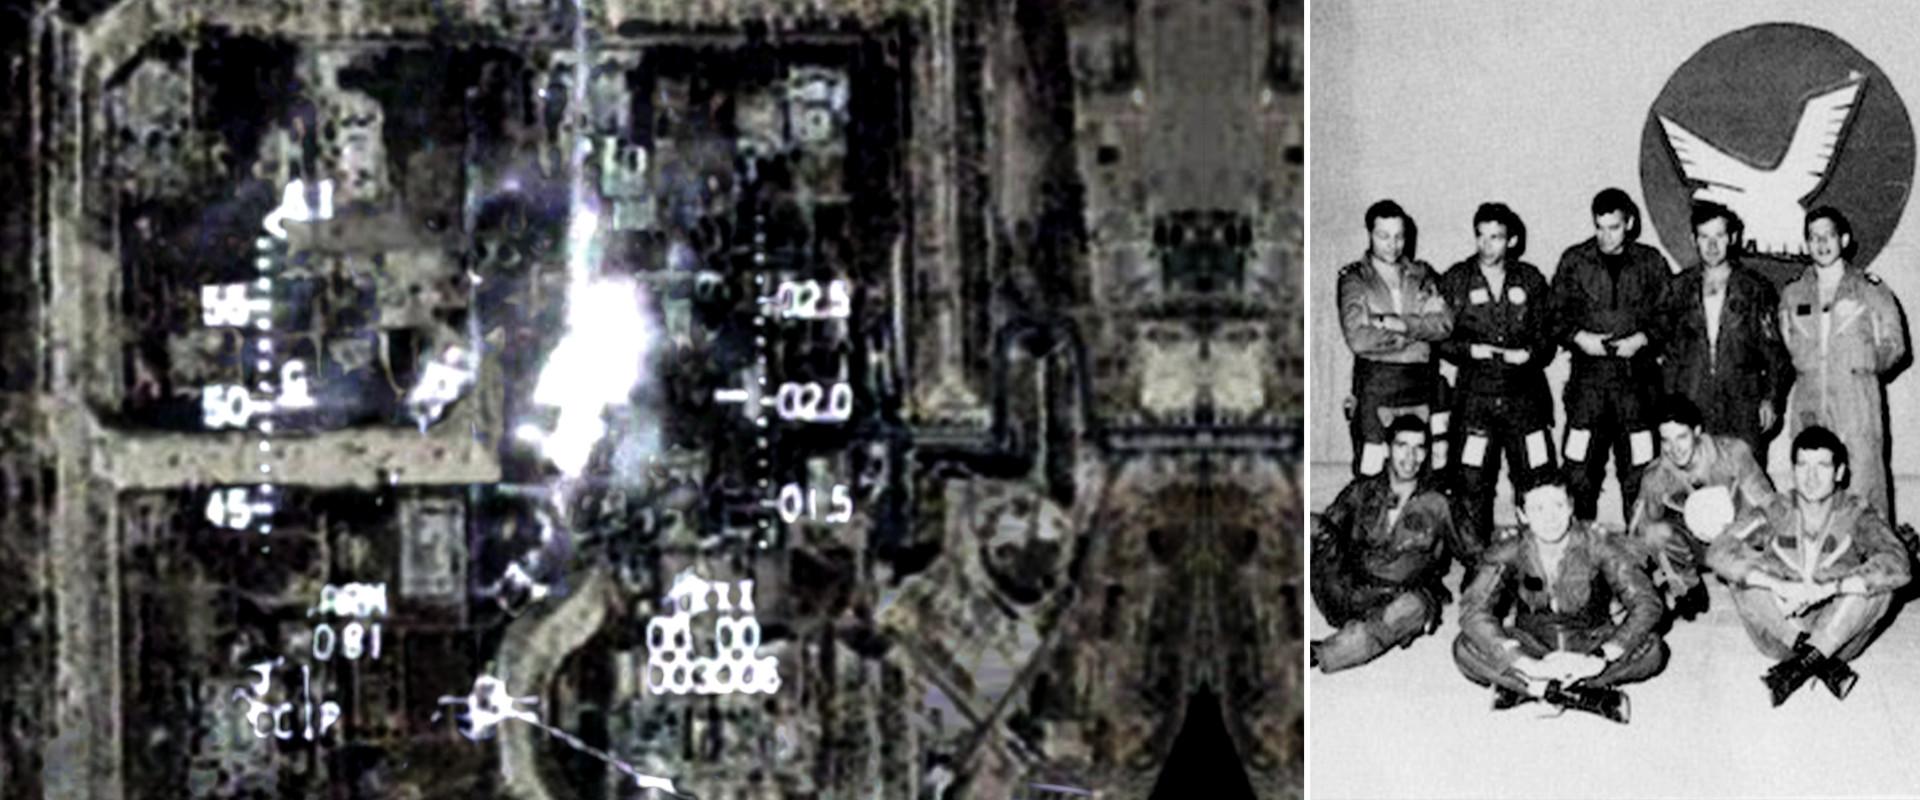 תקיפת הכור בעירק (צילום: דובר צה